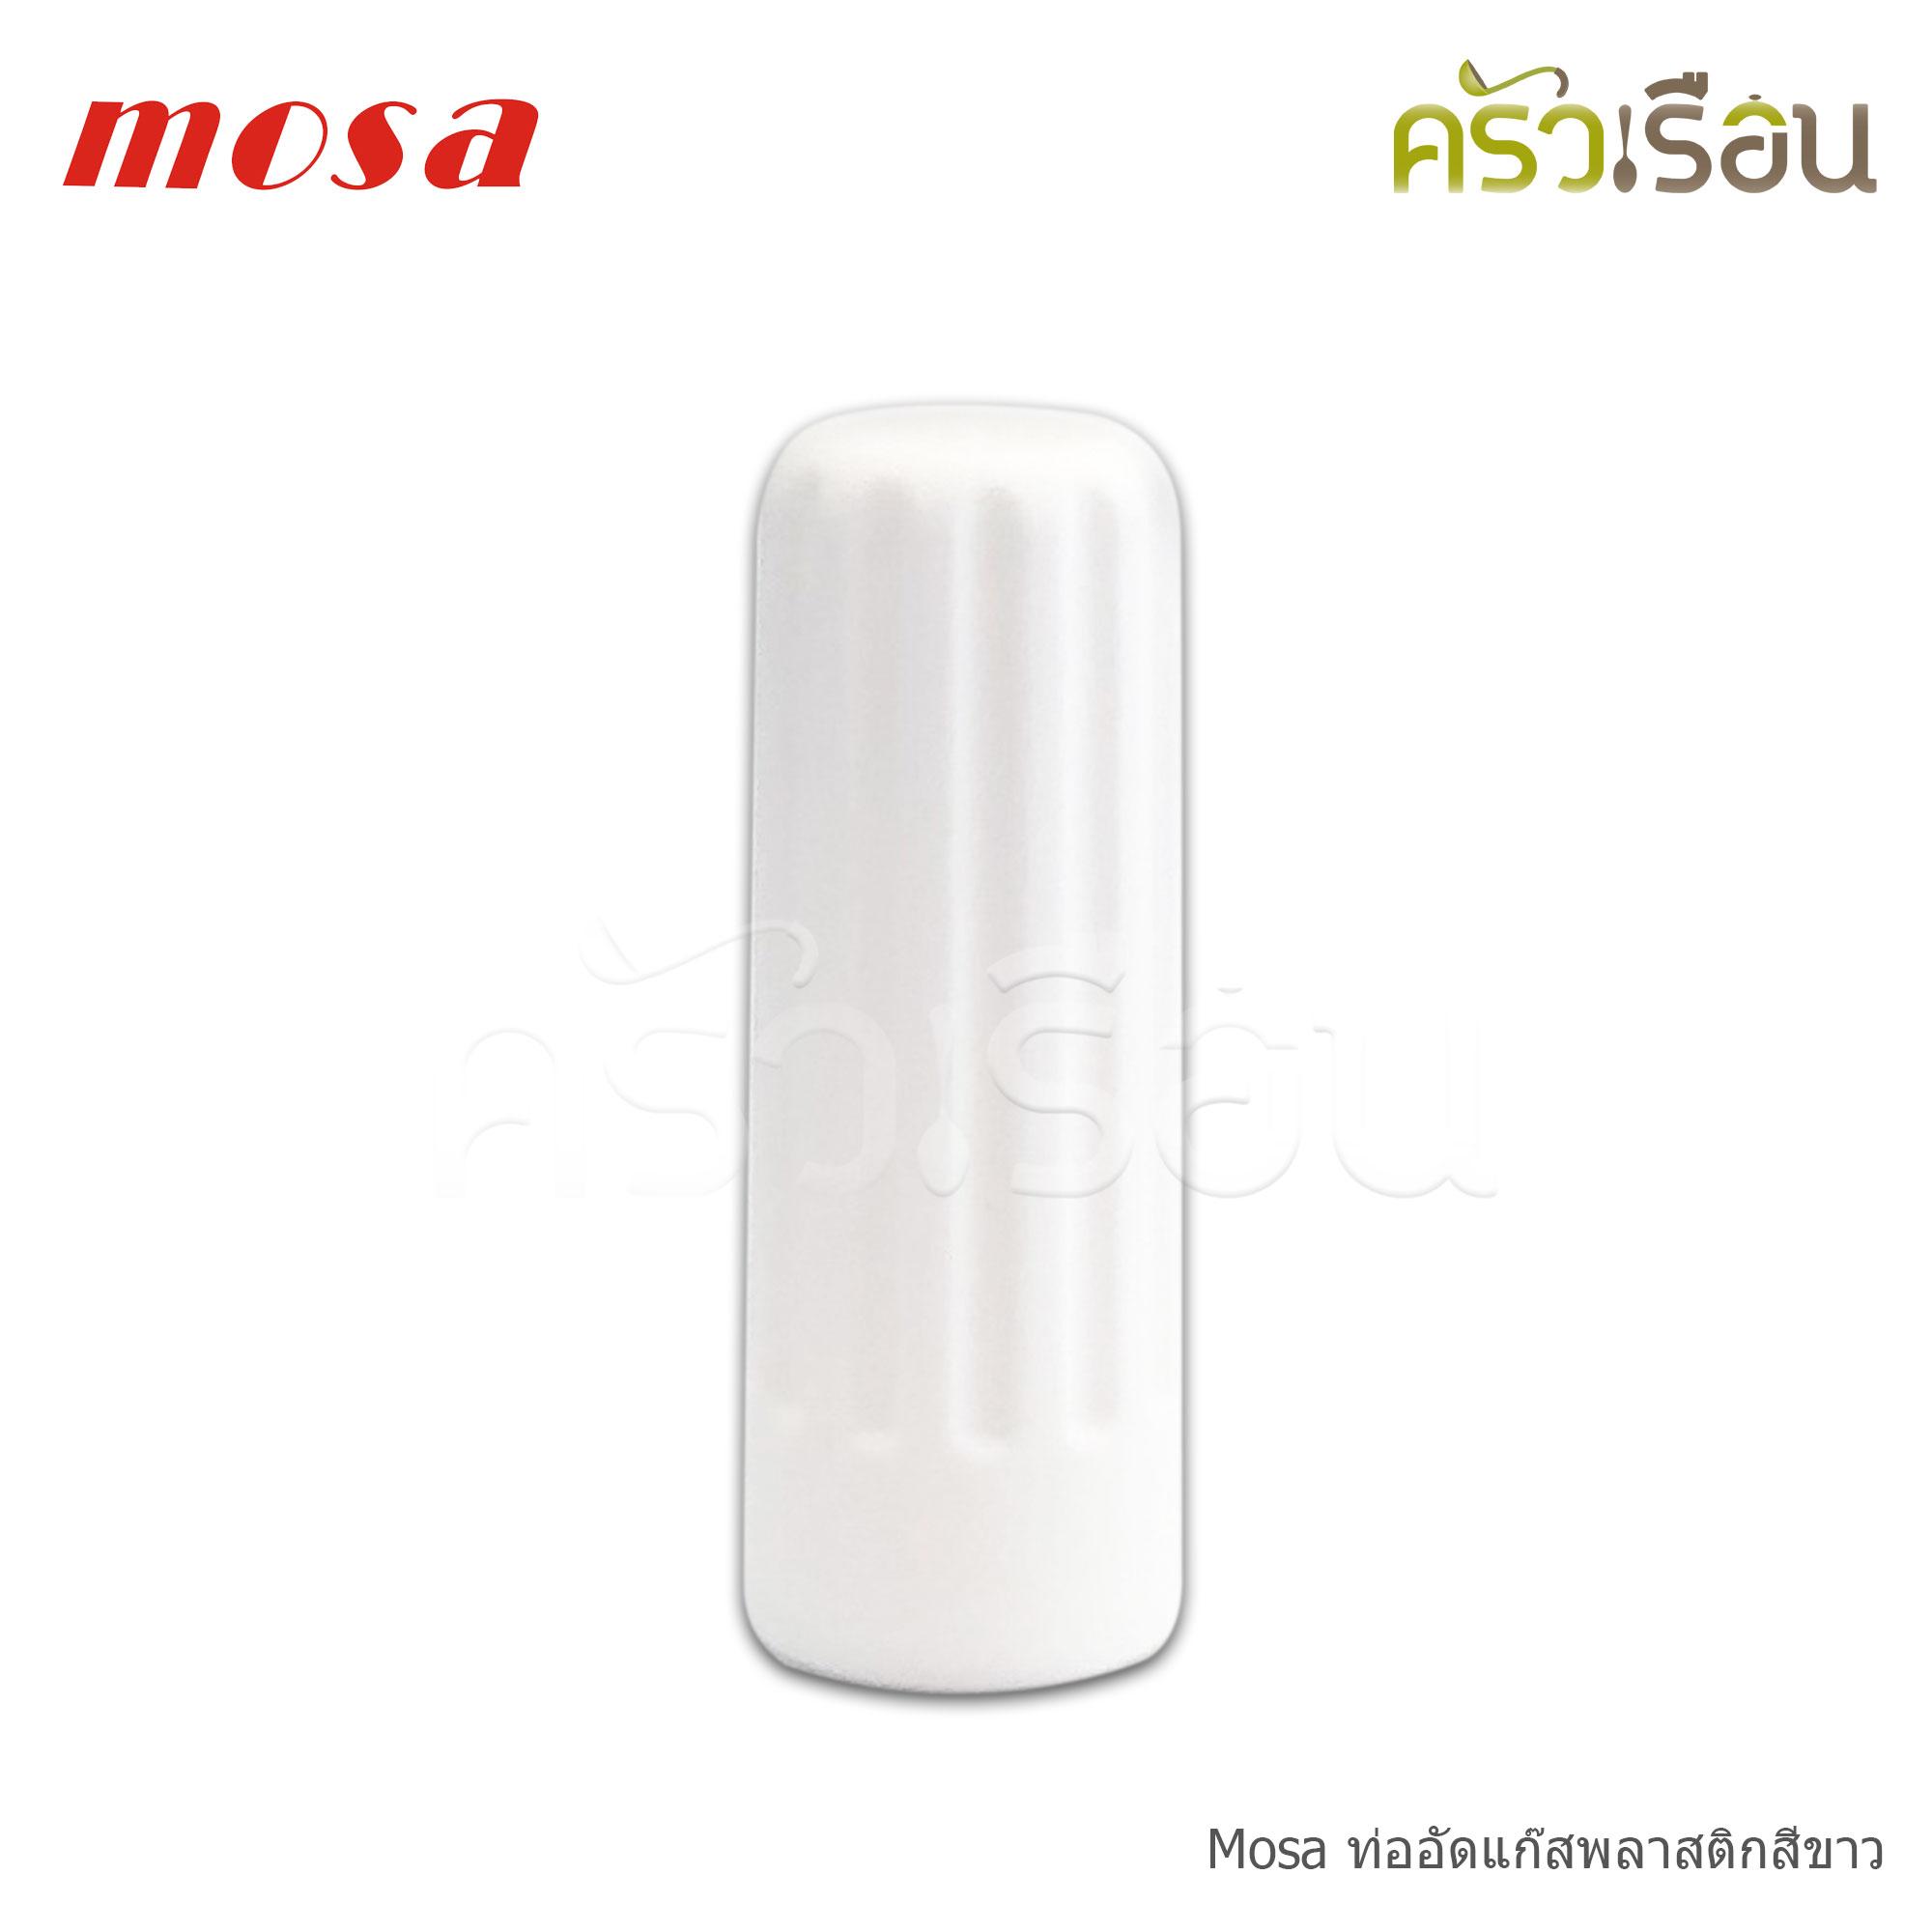 Mosa ท่ออัดแก๊สพลาสติก สีขาว